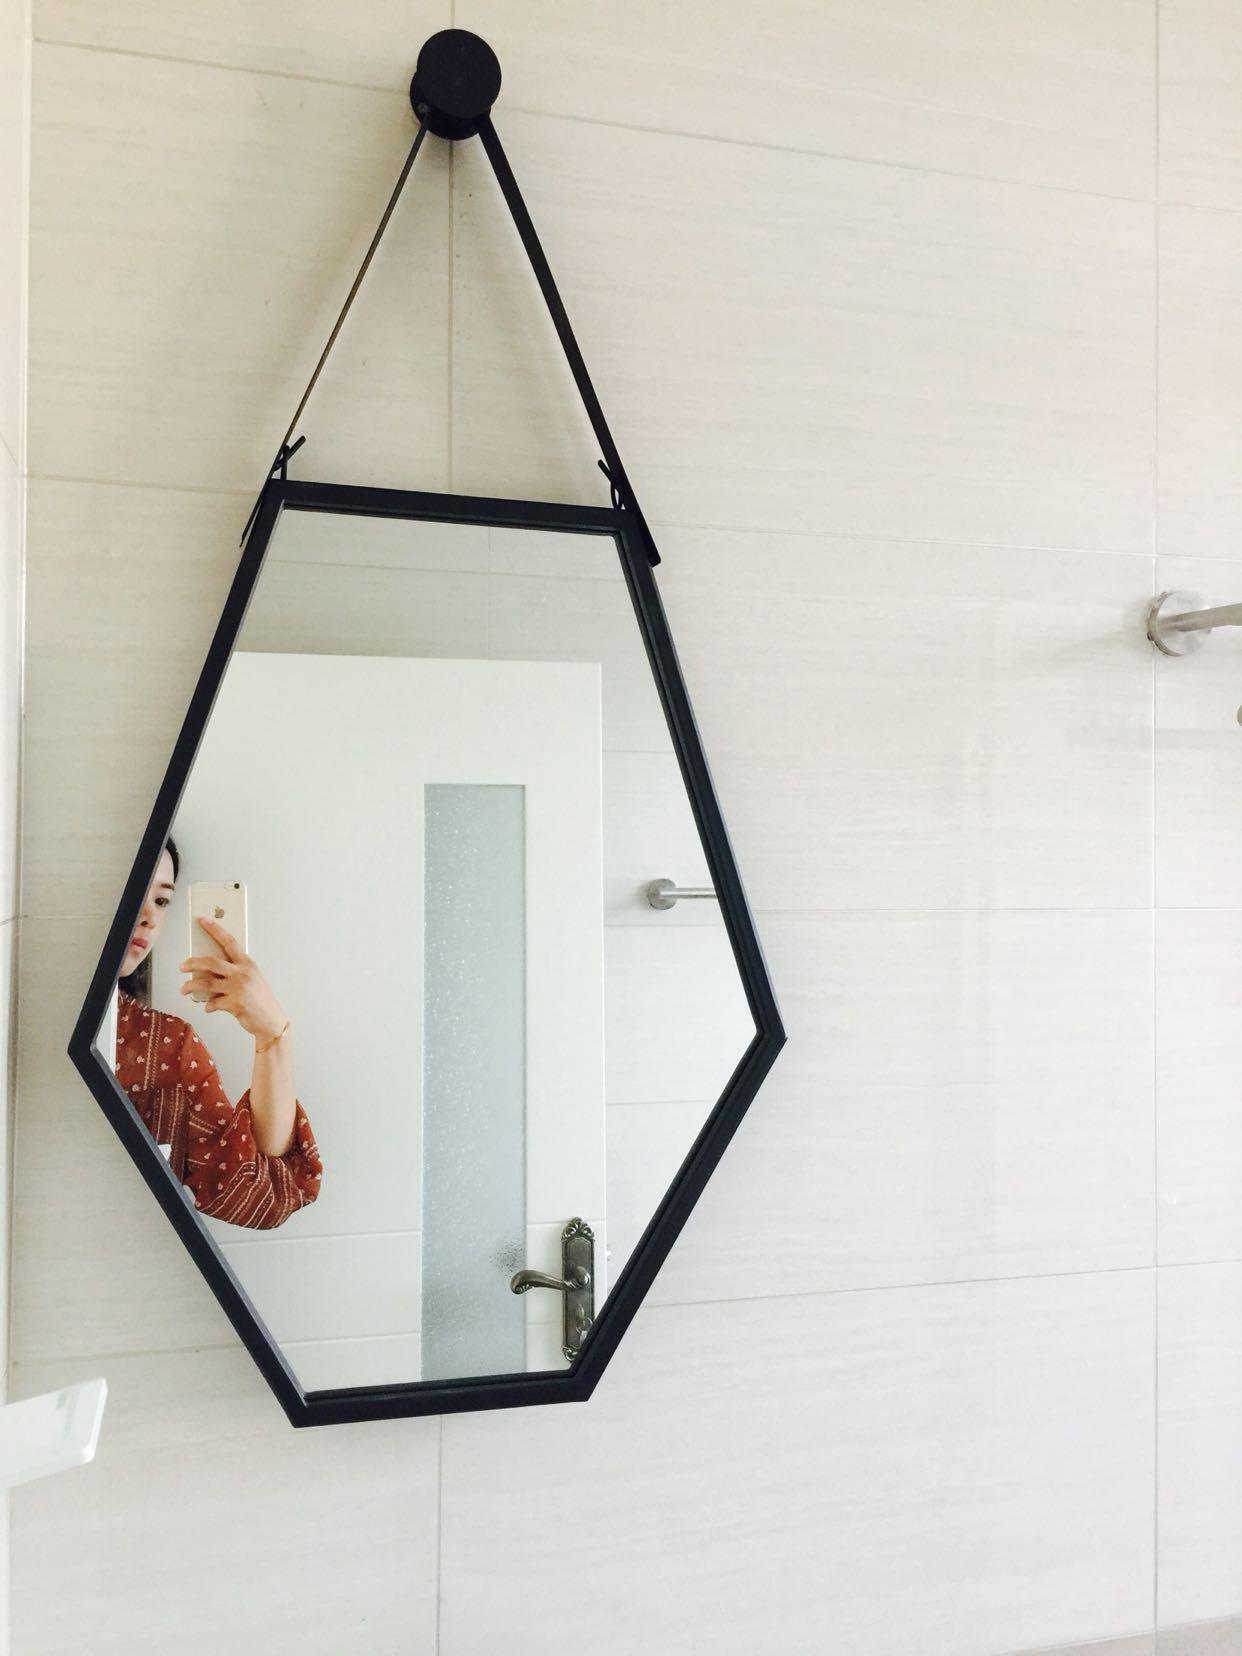 北欧浴室镜卫生间镜子壁挂式六边形挂镜异形装饰镜简约现代试衣镜